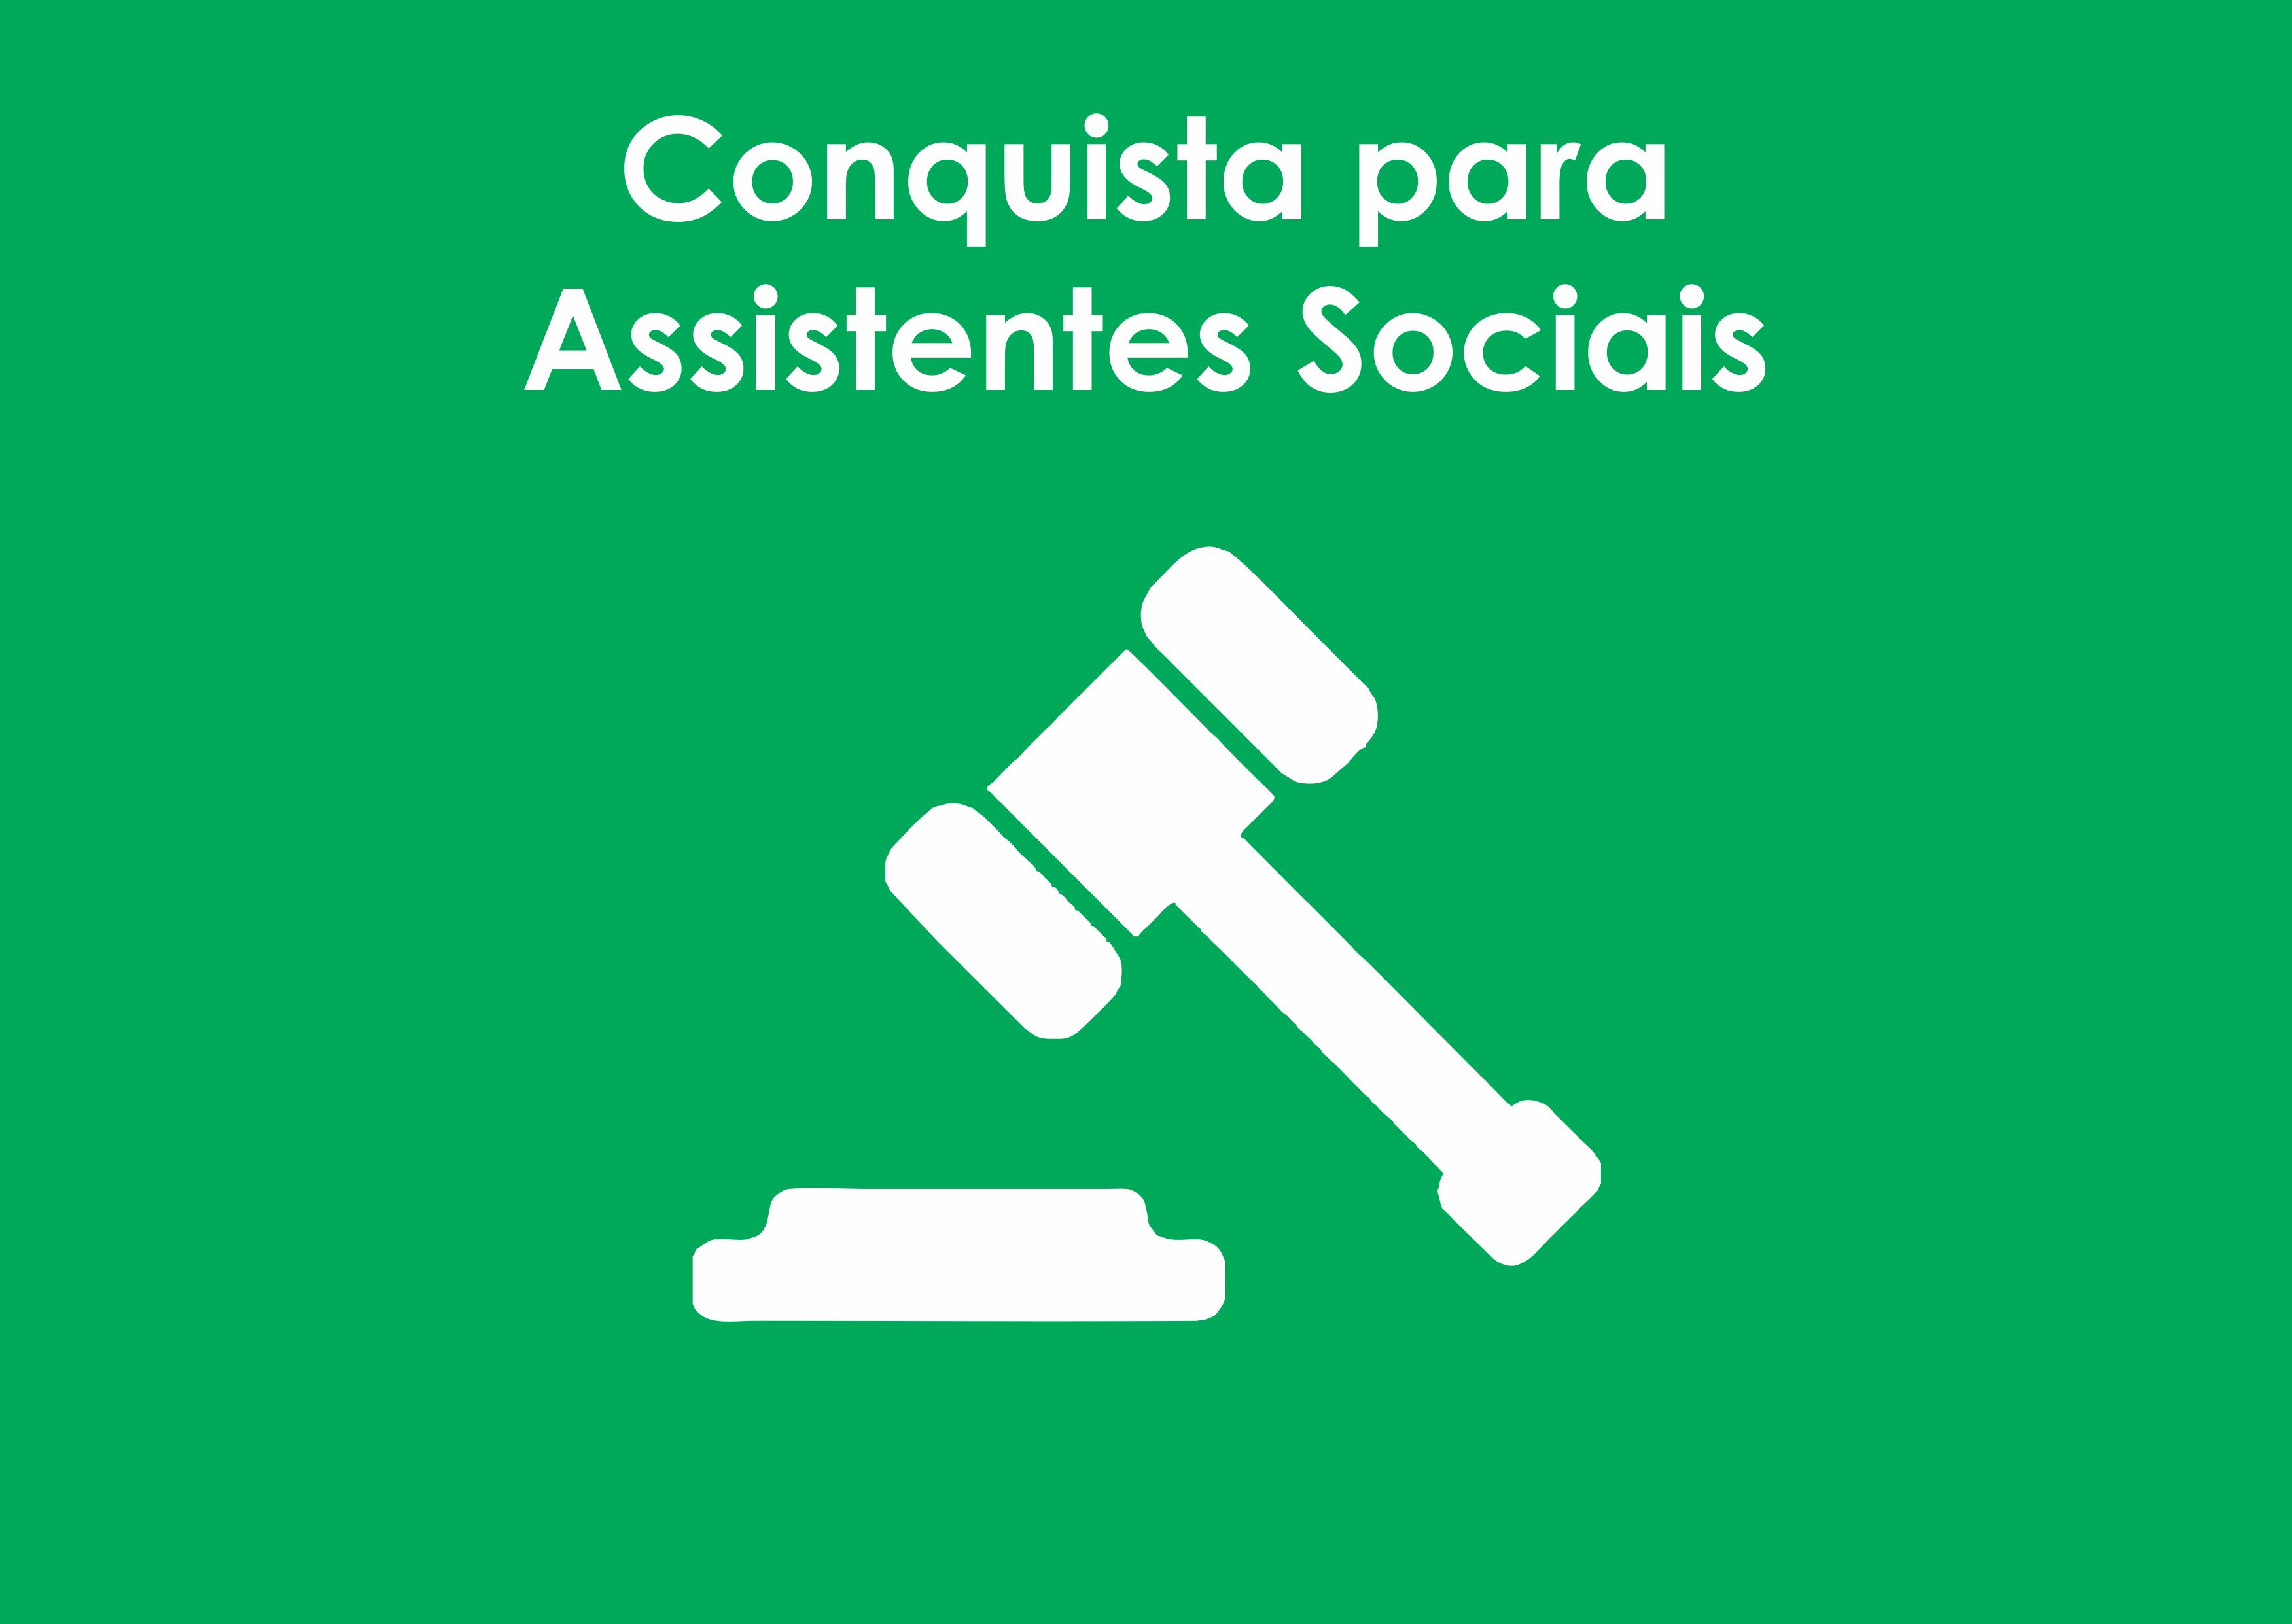 SINTRAPP conquista judicialmente pagamento de horas extraordinárias para Assistentes Sociais